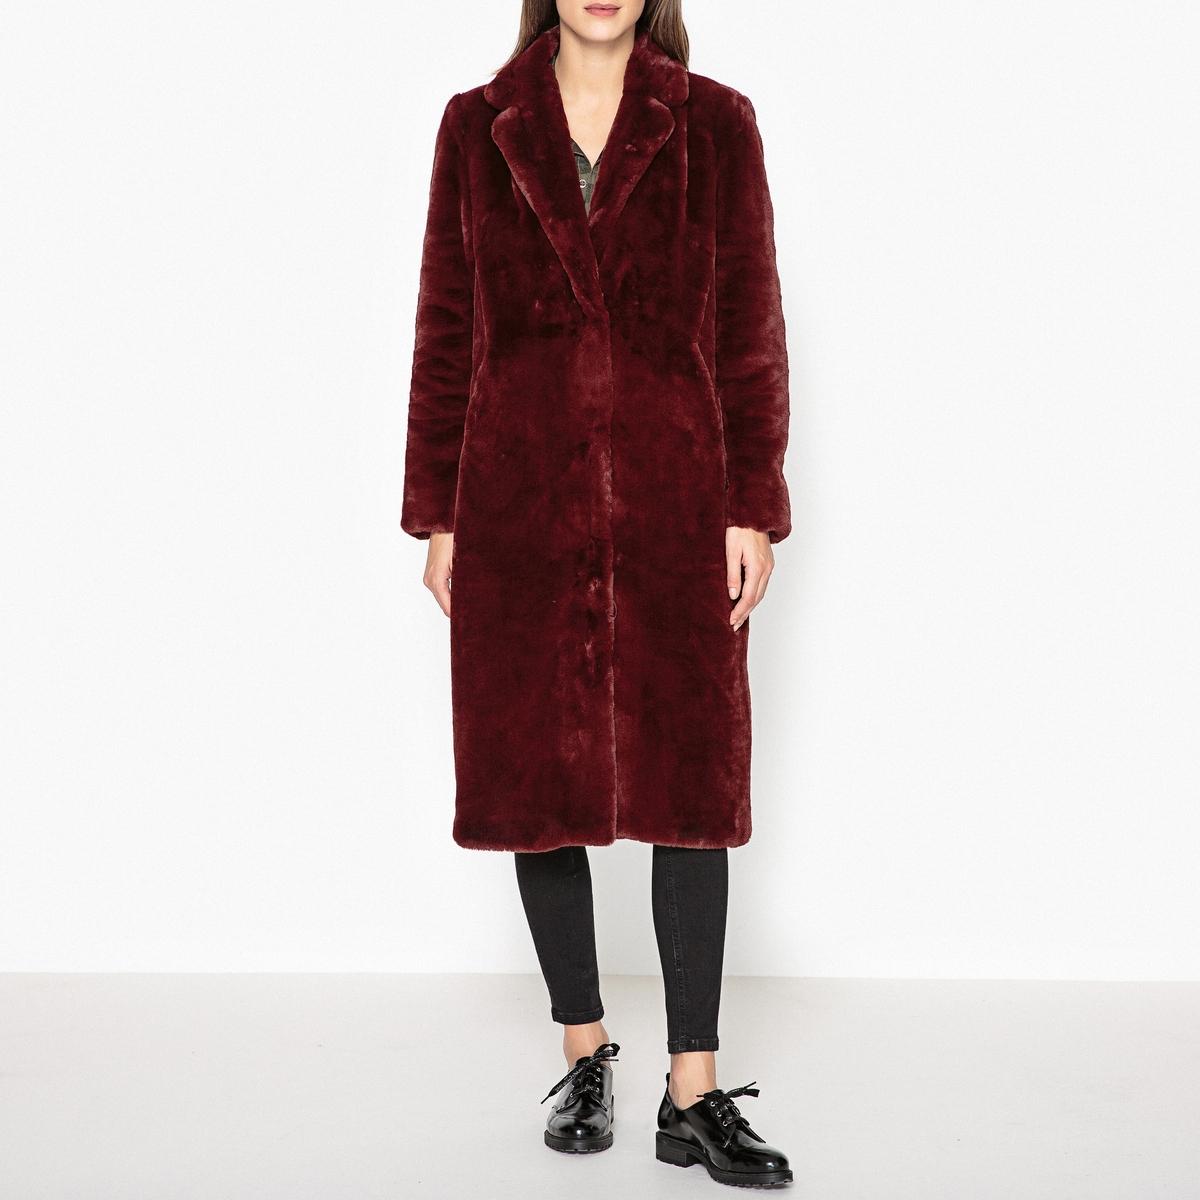 Пальто с меховым эффектом AVAДлинное пальто OAKWOOD - модель AVA из ткани с меховым эффектом.Детали •  Длина : удлиненная модель •  Шалевый воротник •  Застежка на кнопкиСостав и уход •  100% акрил •  Следуйте советам по уходу, указанным на этикетке •  Карман с каждой стороны •  Внутренние карманы на молниях с 2 сторон<br><br>Цвет: бордовый